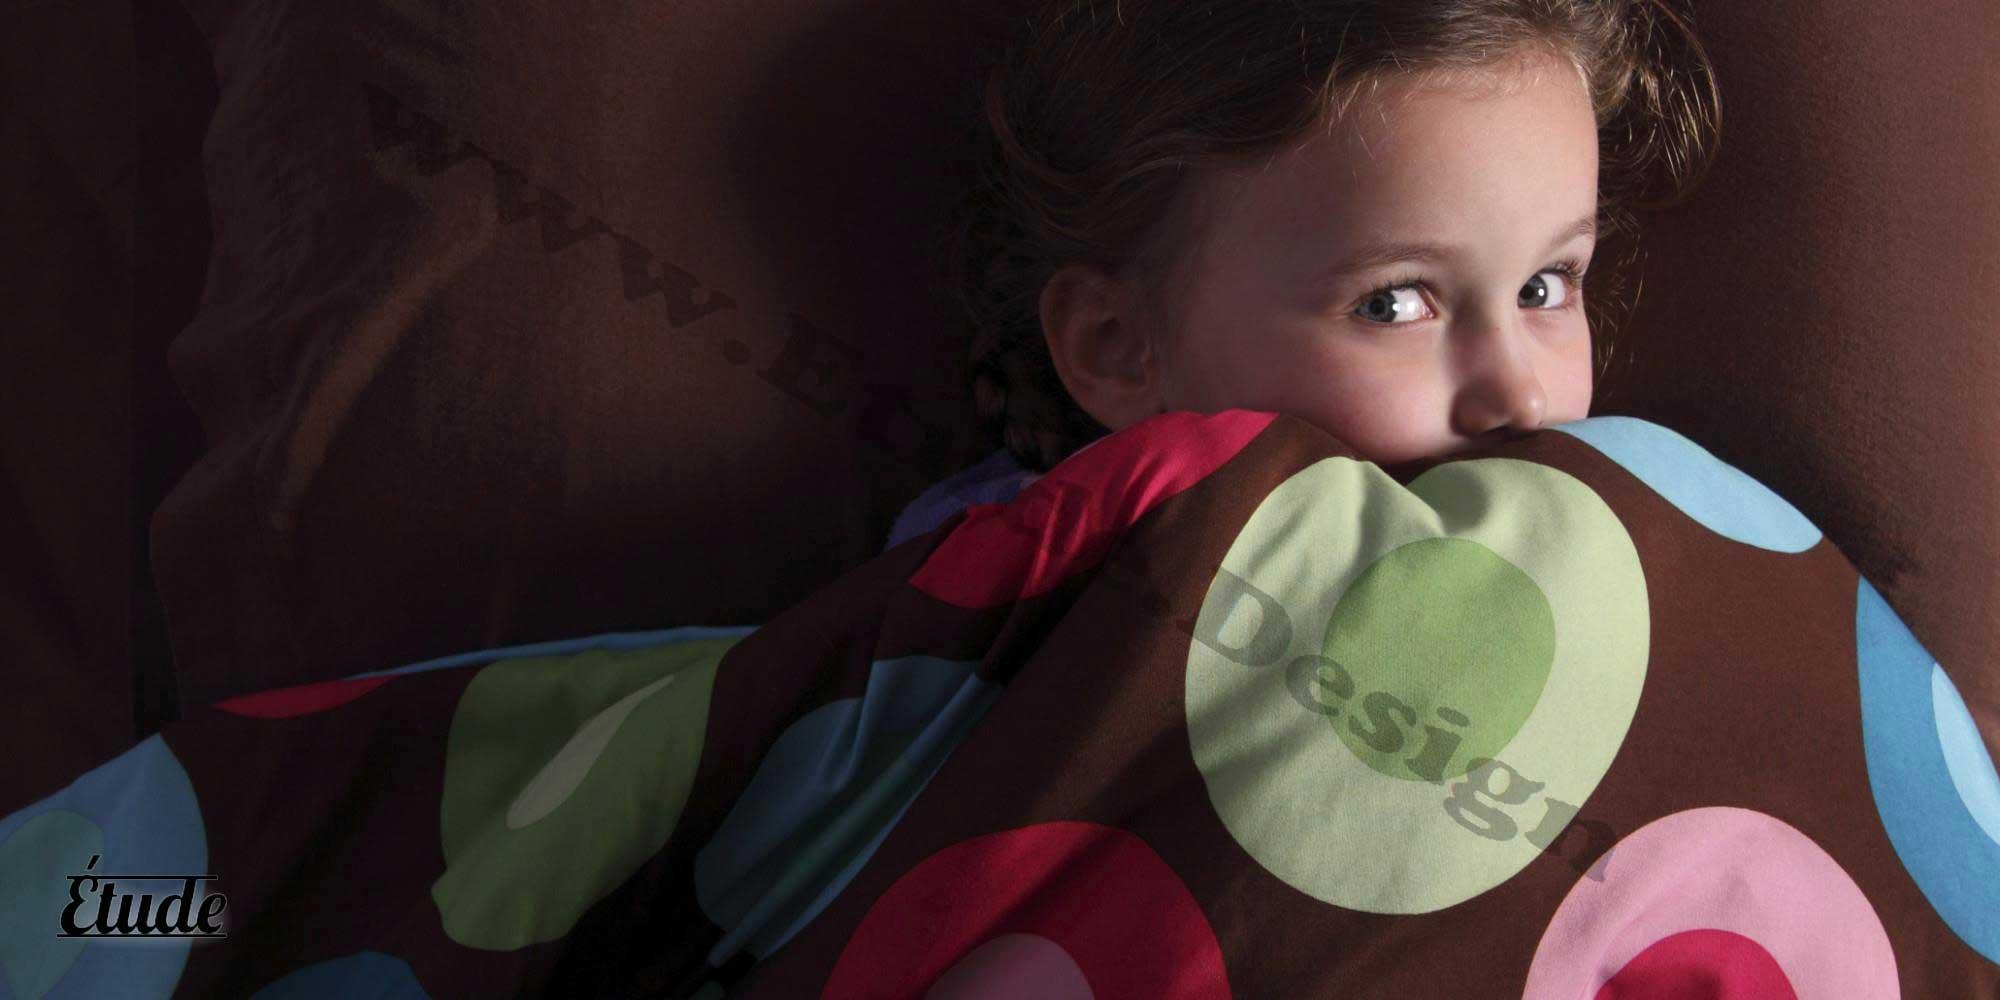 مشاوره رایگان طراحی دکوراسیون داخلی اتاق کودک